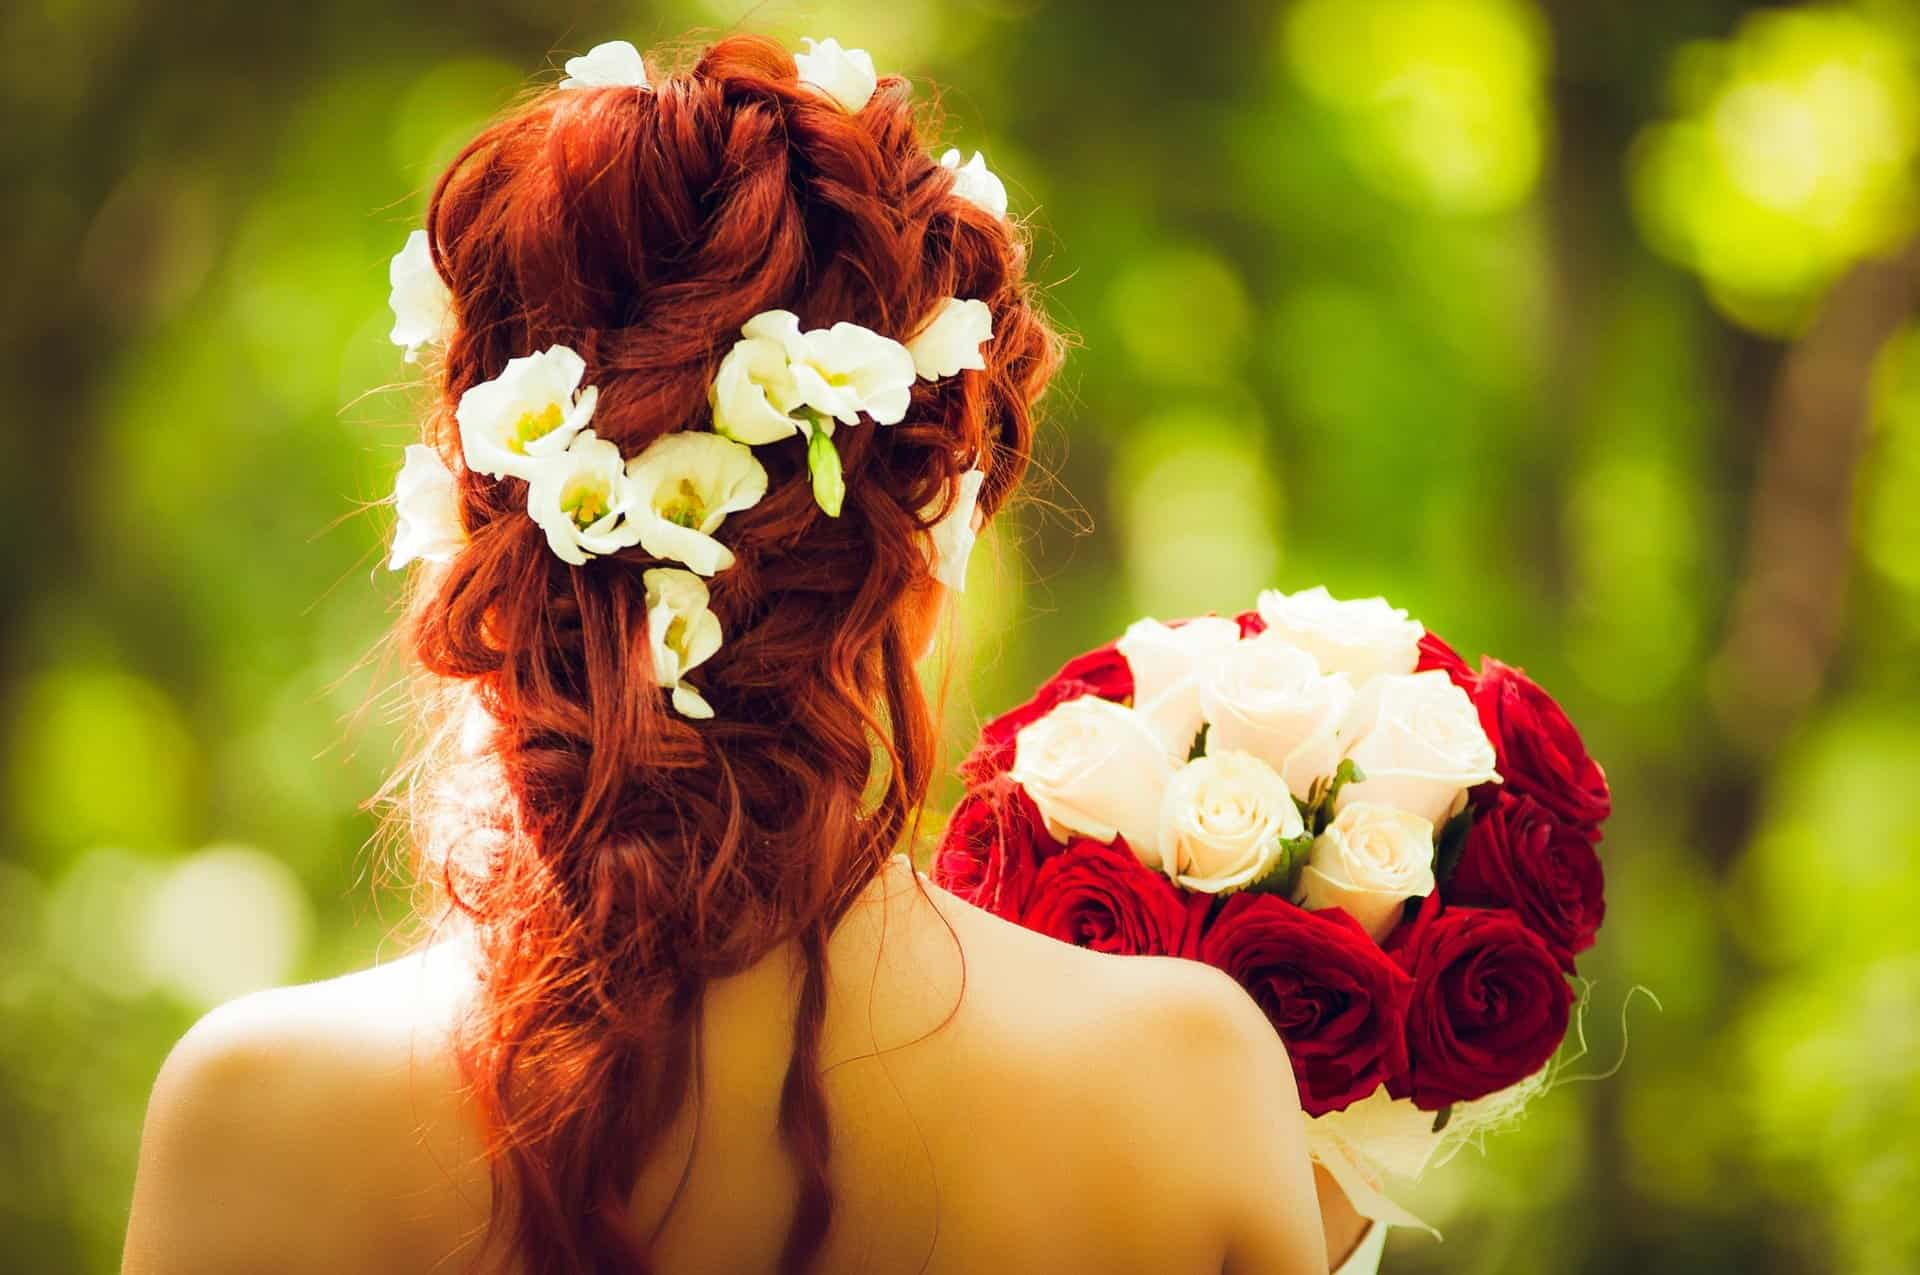 Farbschema Gelb Rot Carinas Hochzeitsplanung Welches Farbschema für die Hochzeit  wählen? Tipps & Erfahrungen